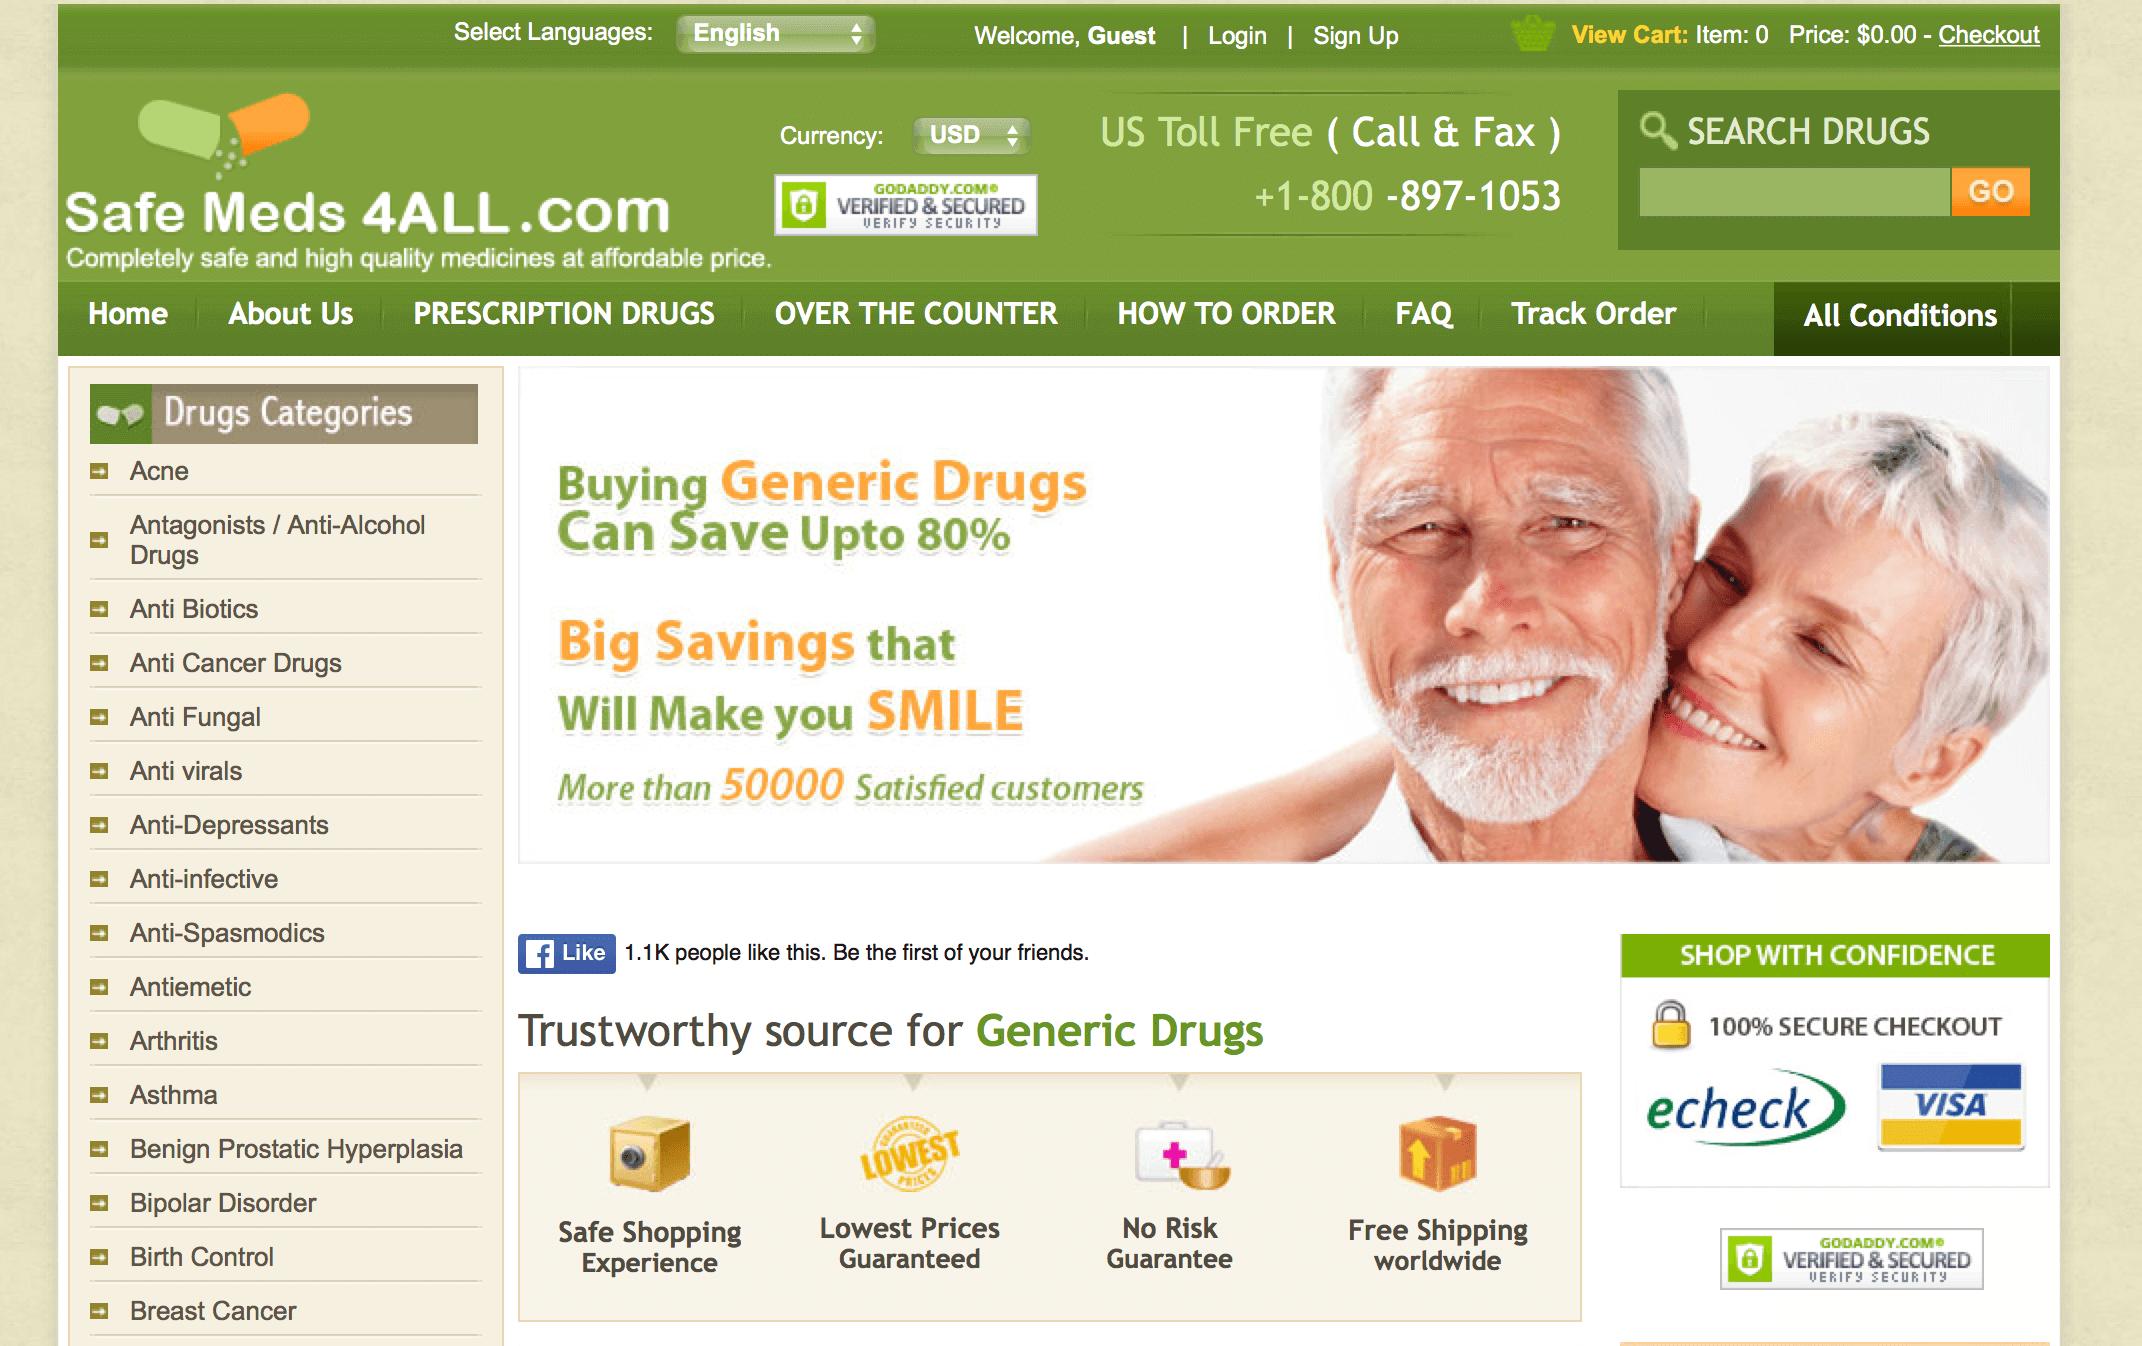 SafeMeds4all.com Pharmacy Review